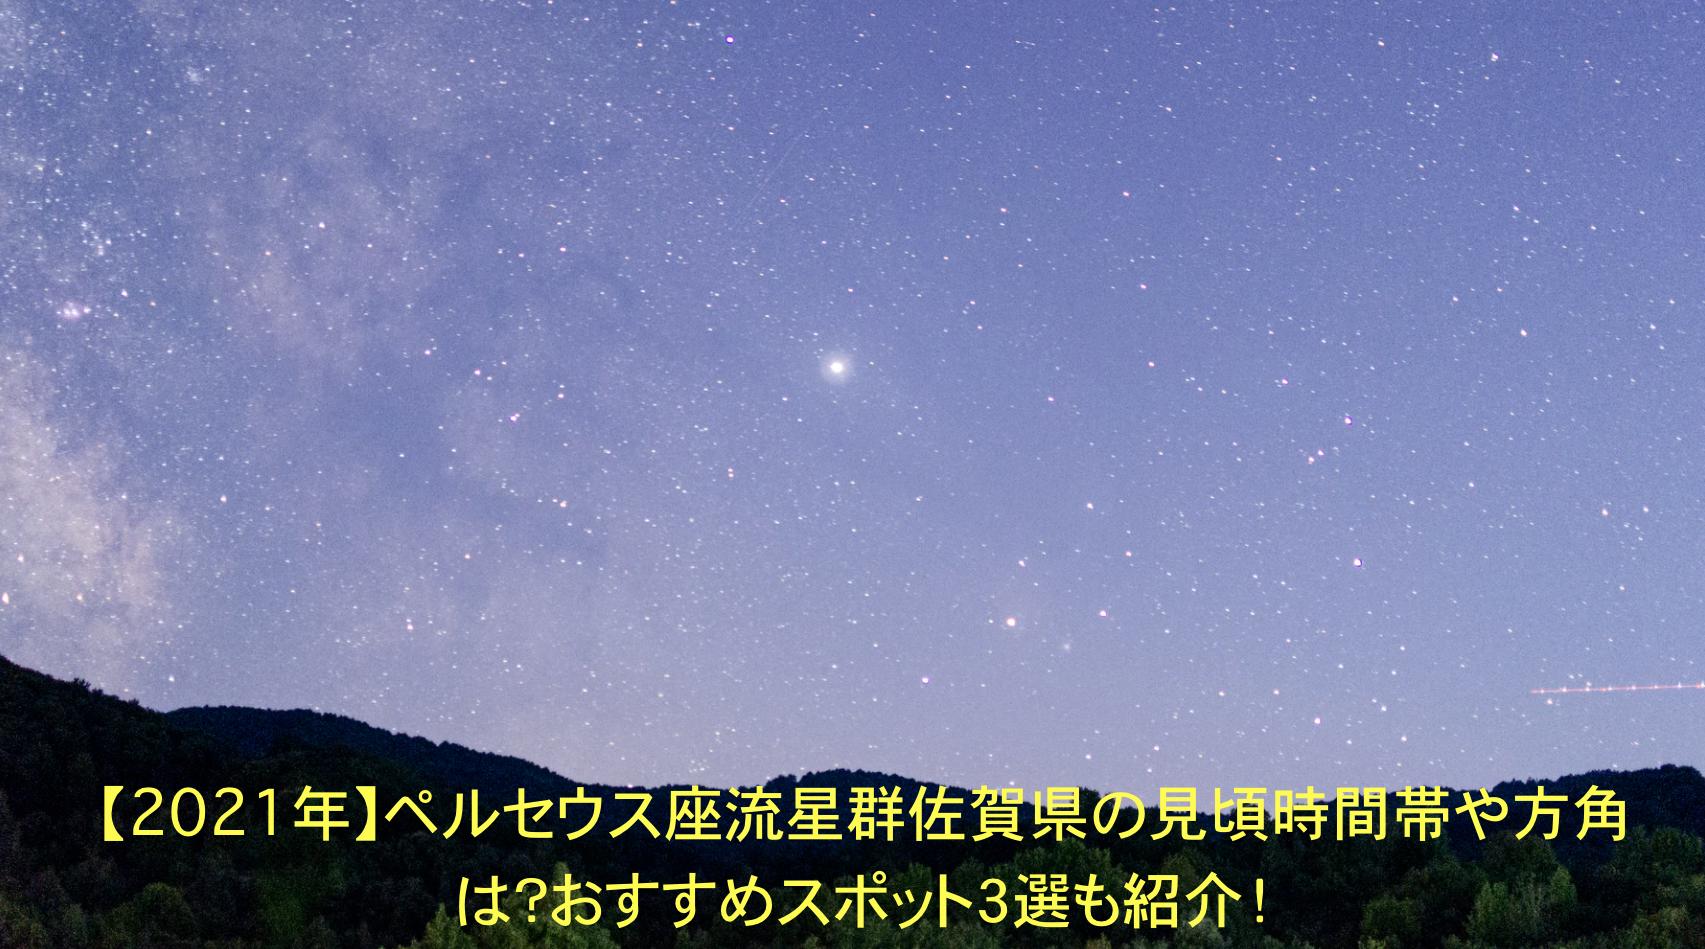 ペルセウス座流星群 佐賀 見頃 時間帯 方角 オススメスポット